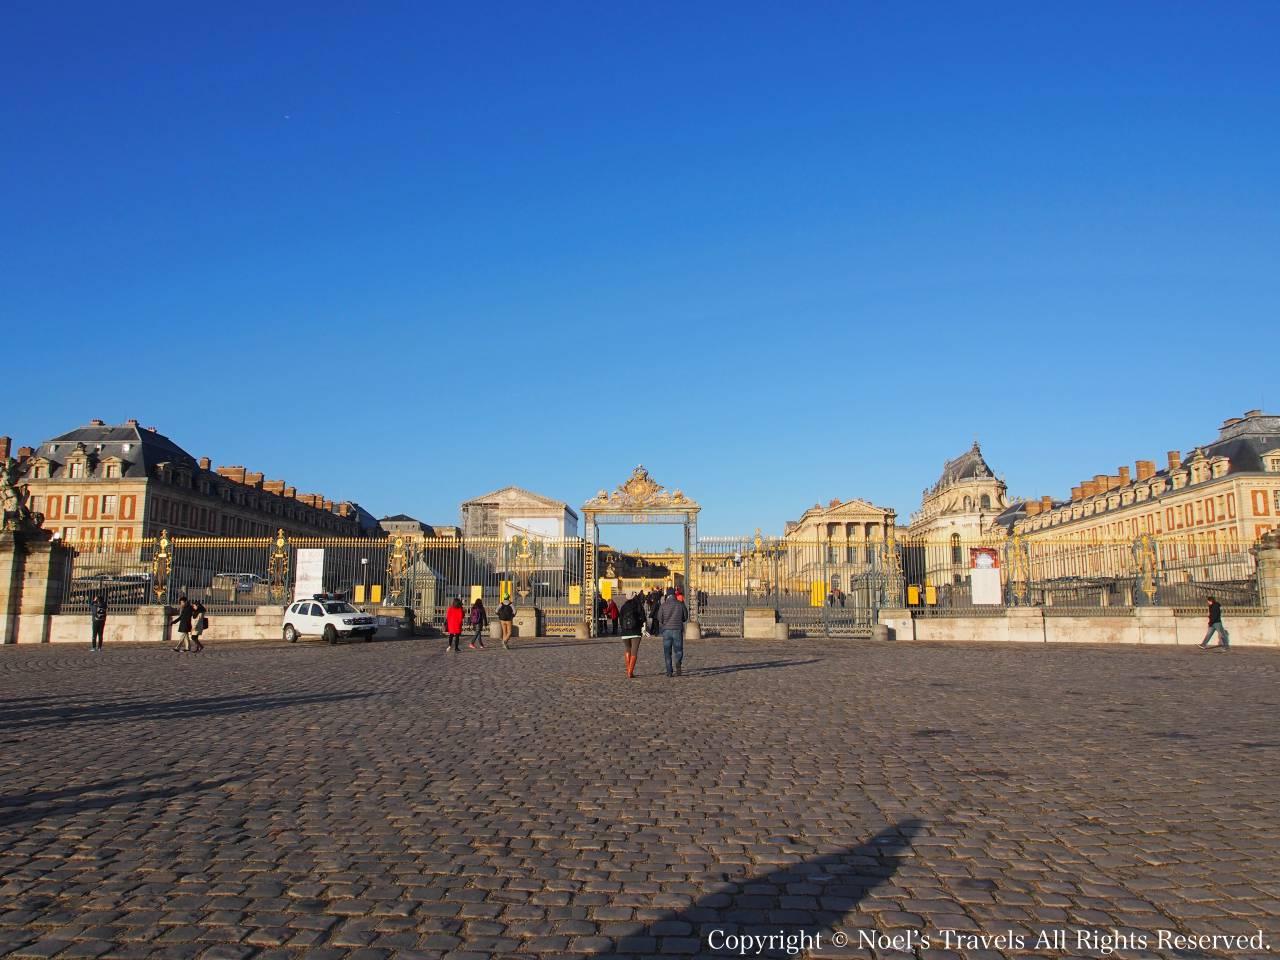 ヴェルサイユ宮殿のエントランス